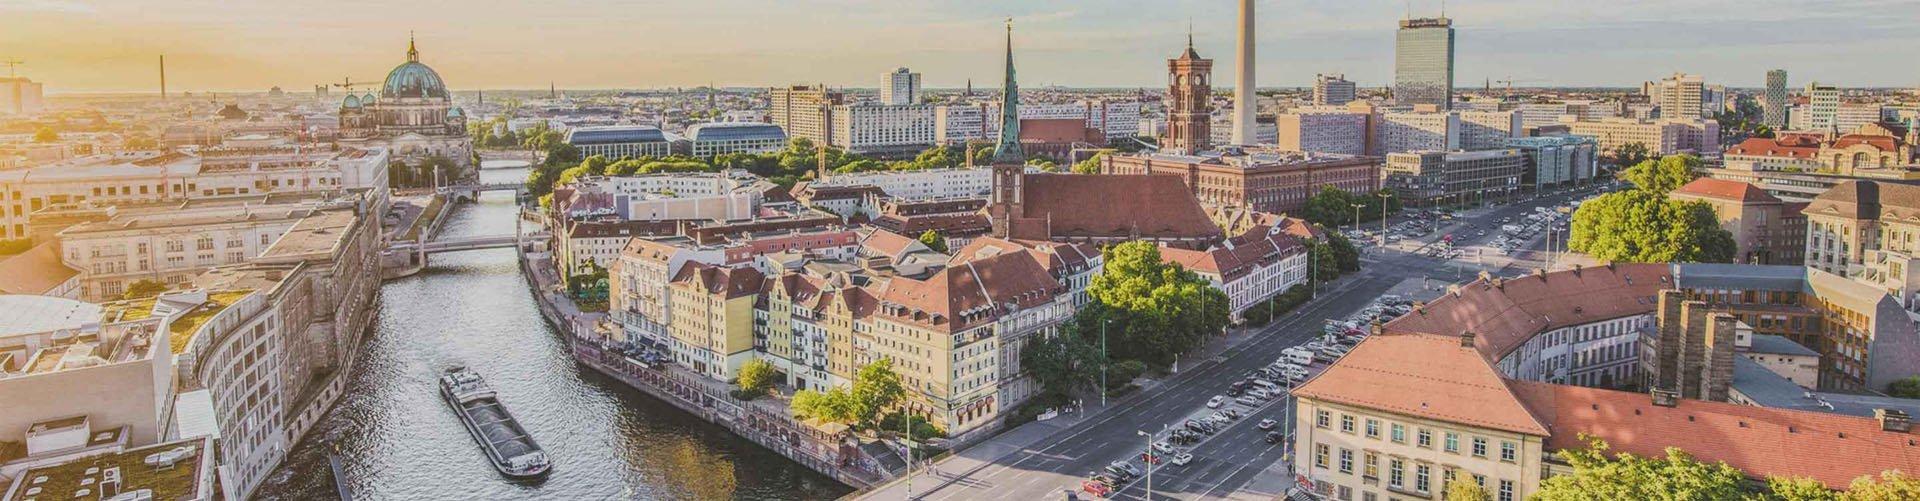 Duitsland, Brandenburg - Berlijn